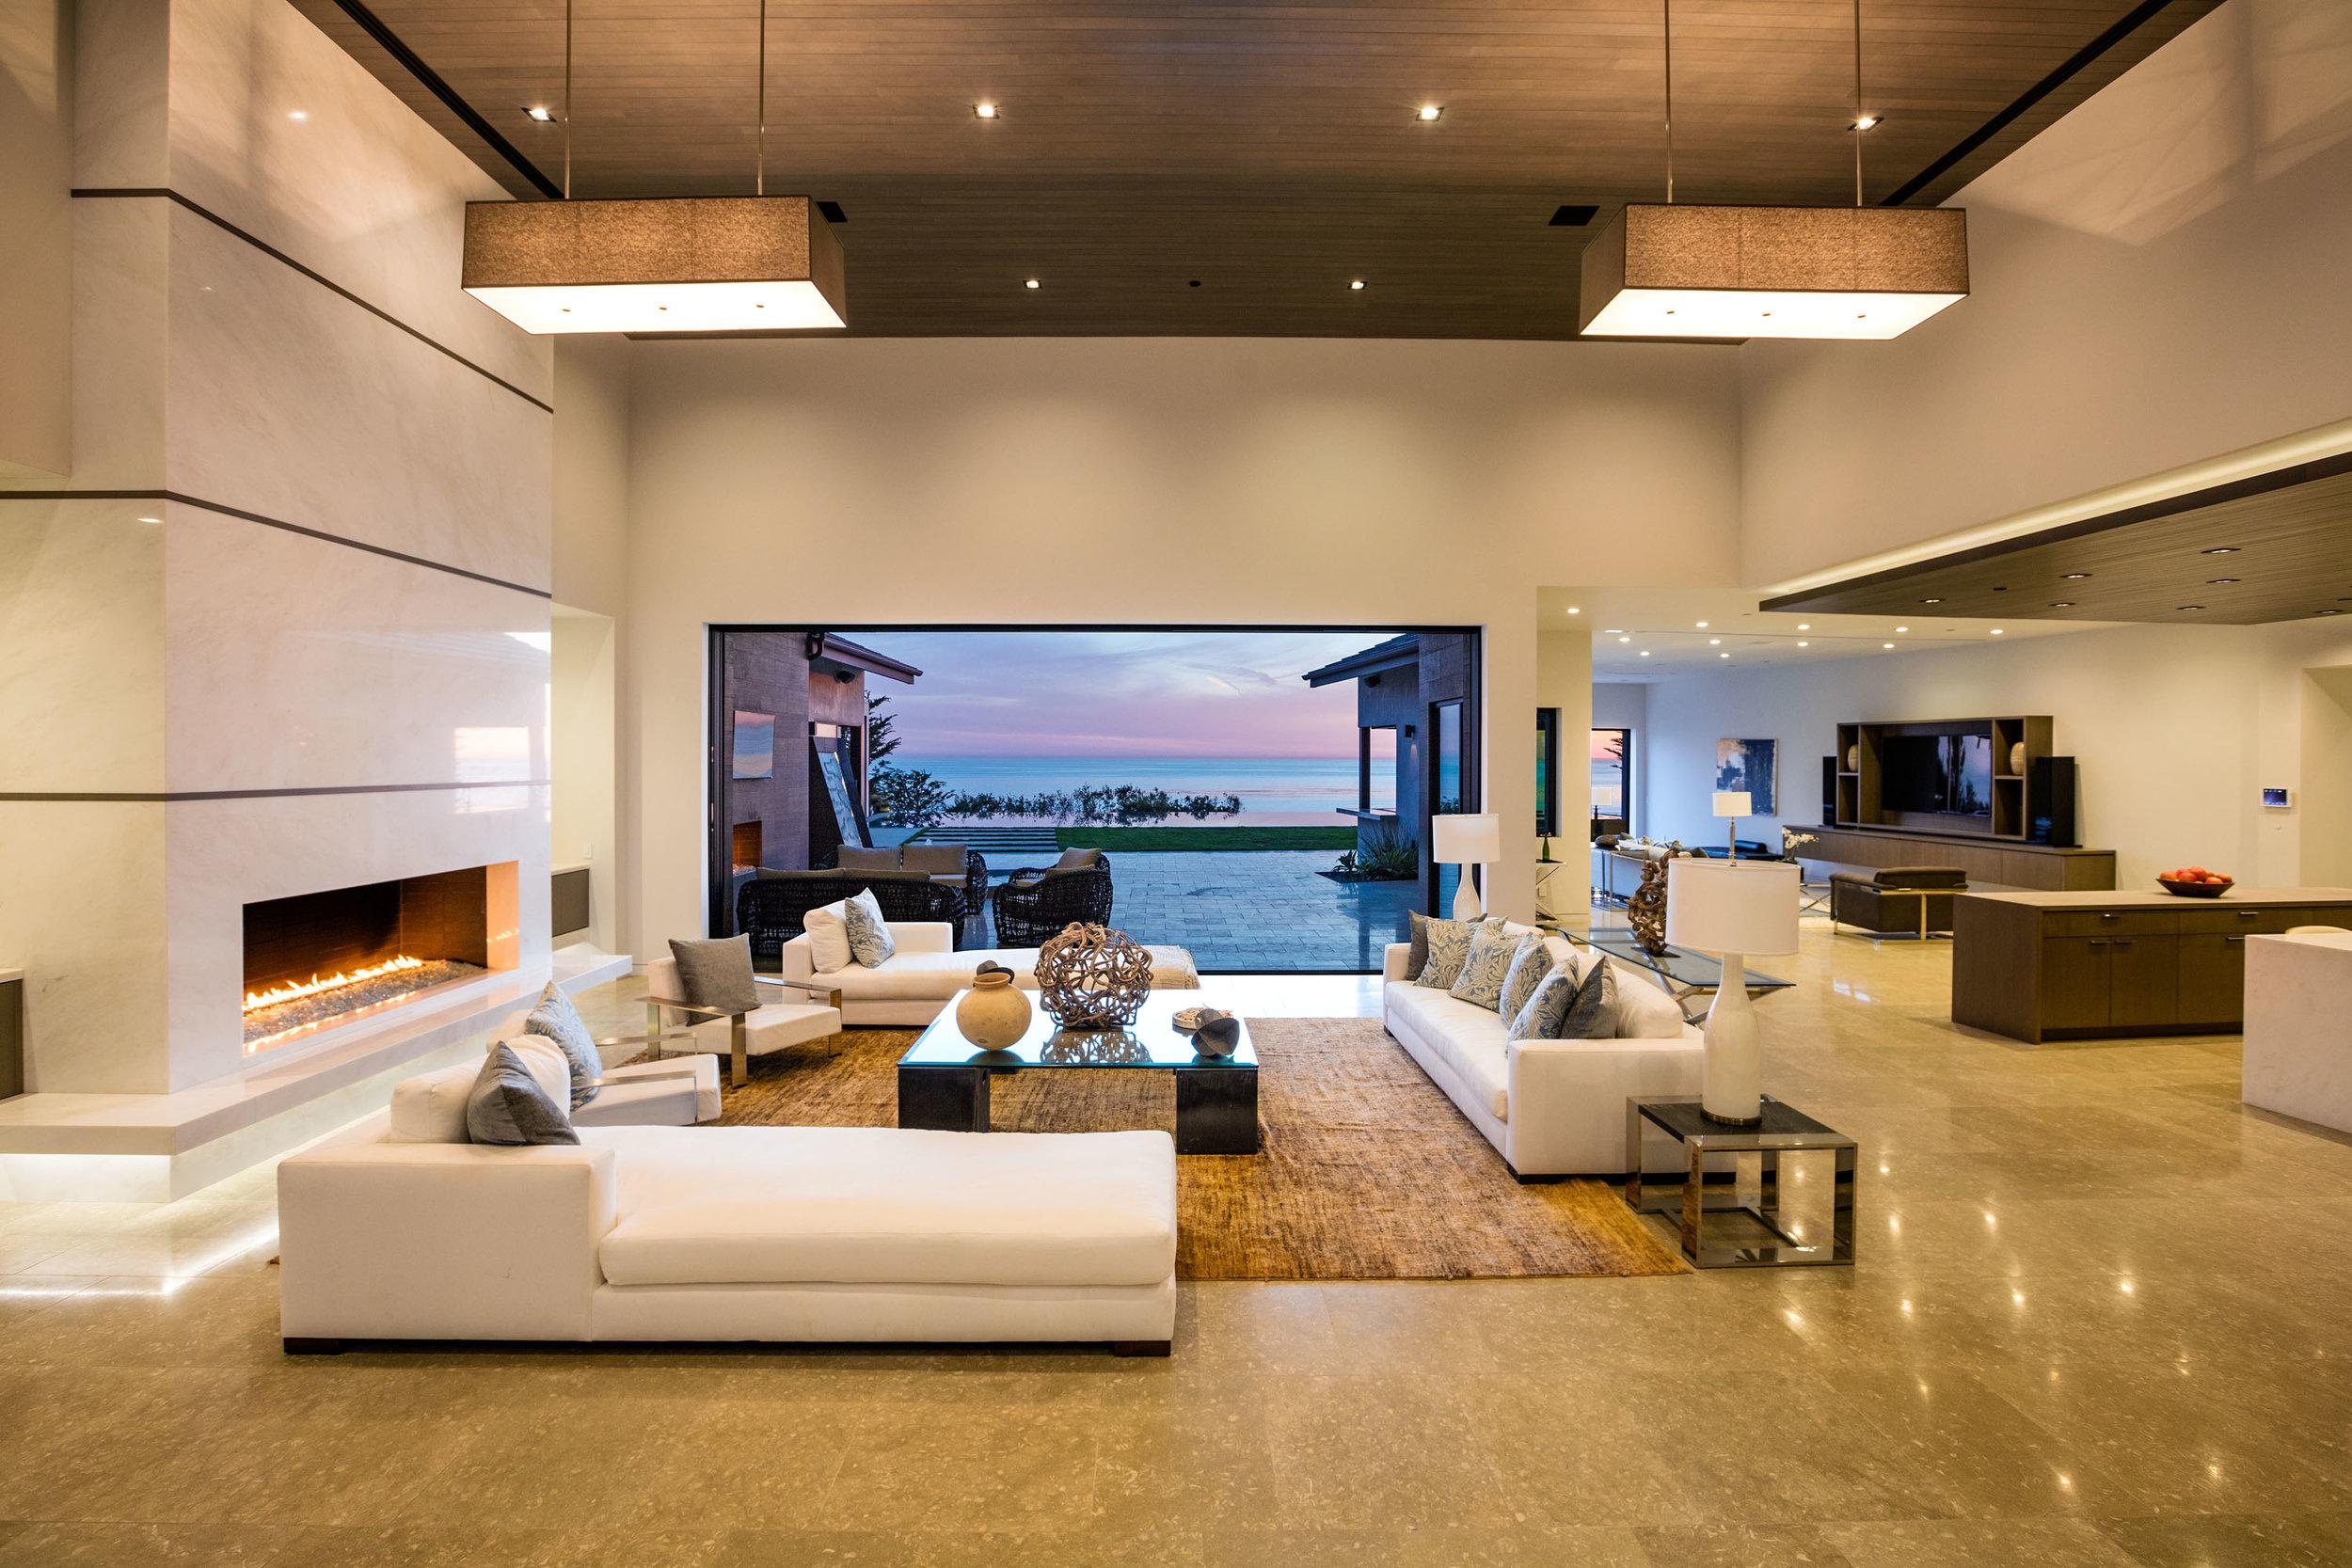 022 living room sunset 11902 Ellice Street Malibu For Sale The Malibu Life Team Luxury Real Estate.jpg